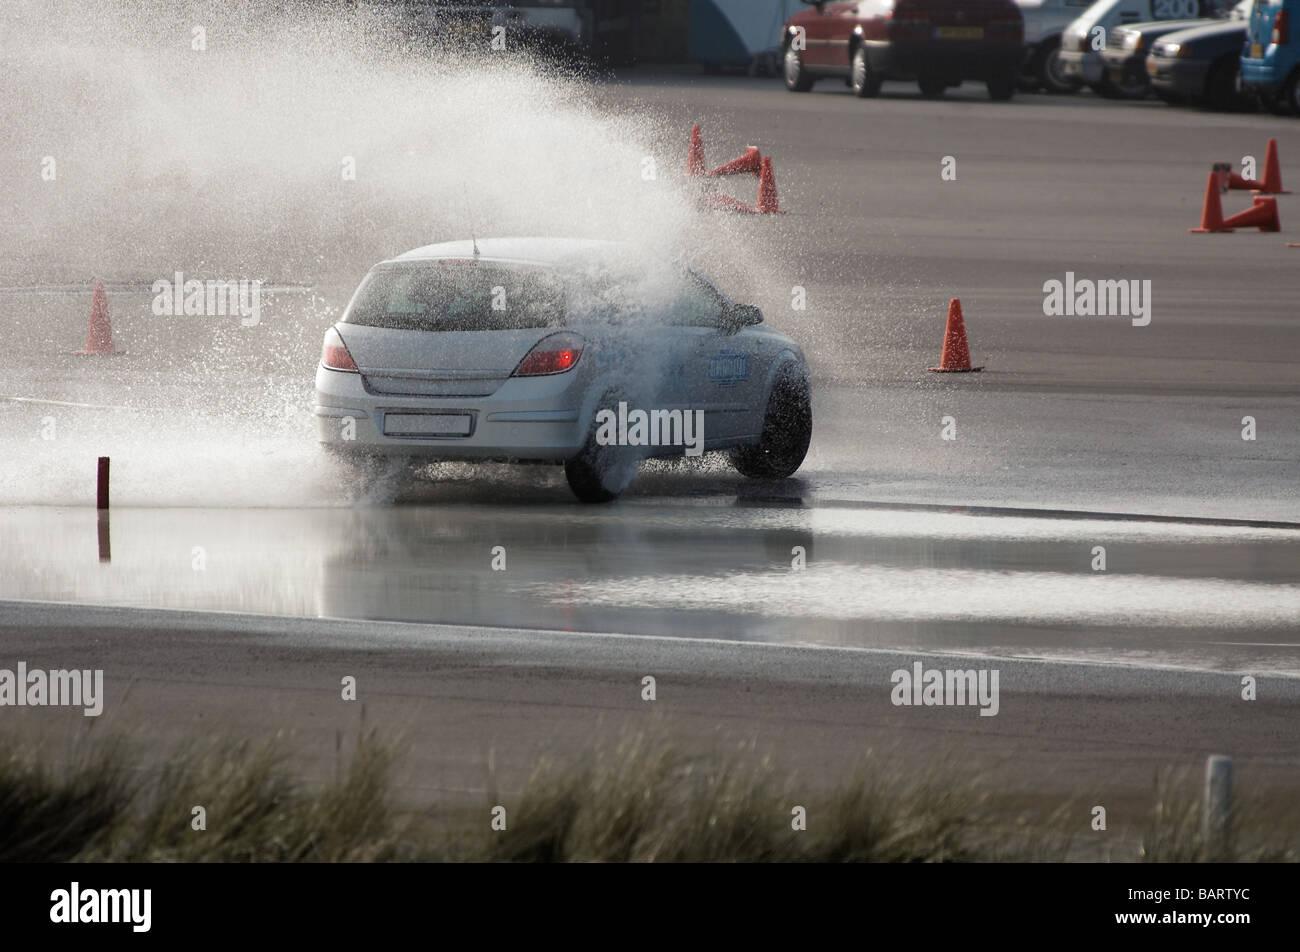 Formation de frein de voiture dans des conditions humides Photo Stock